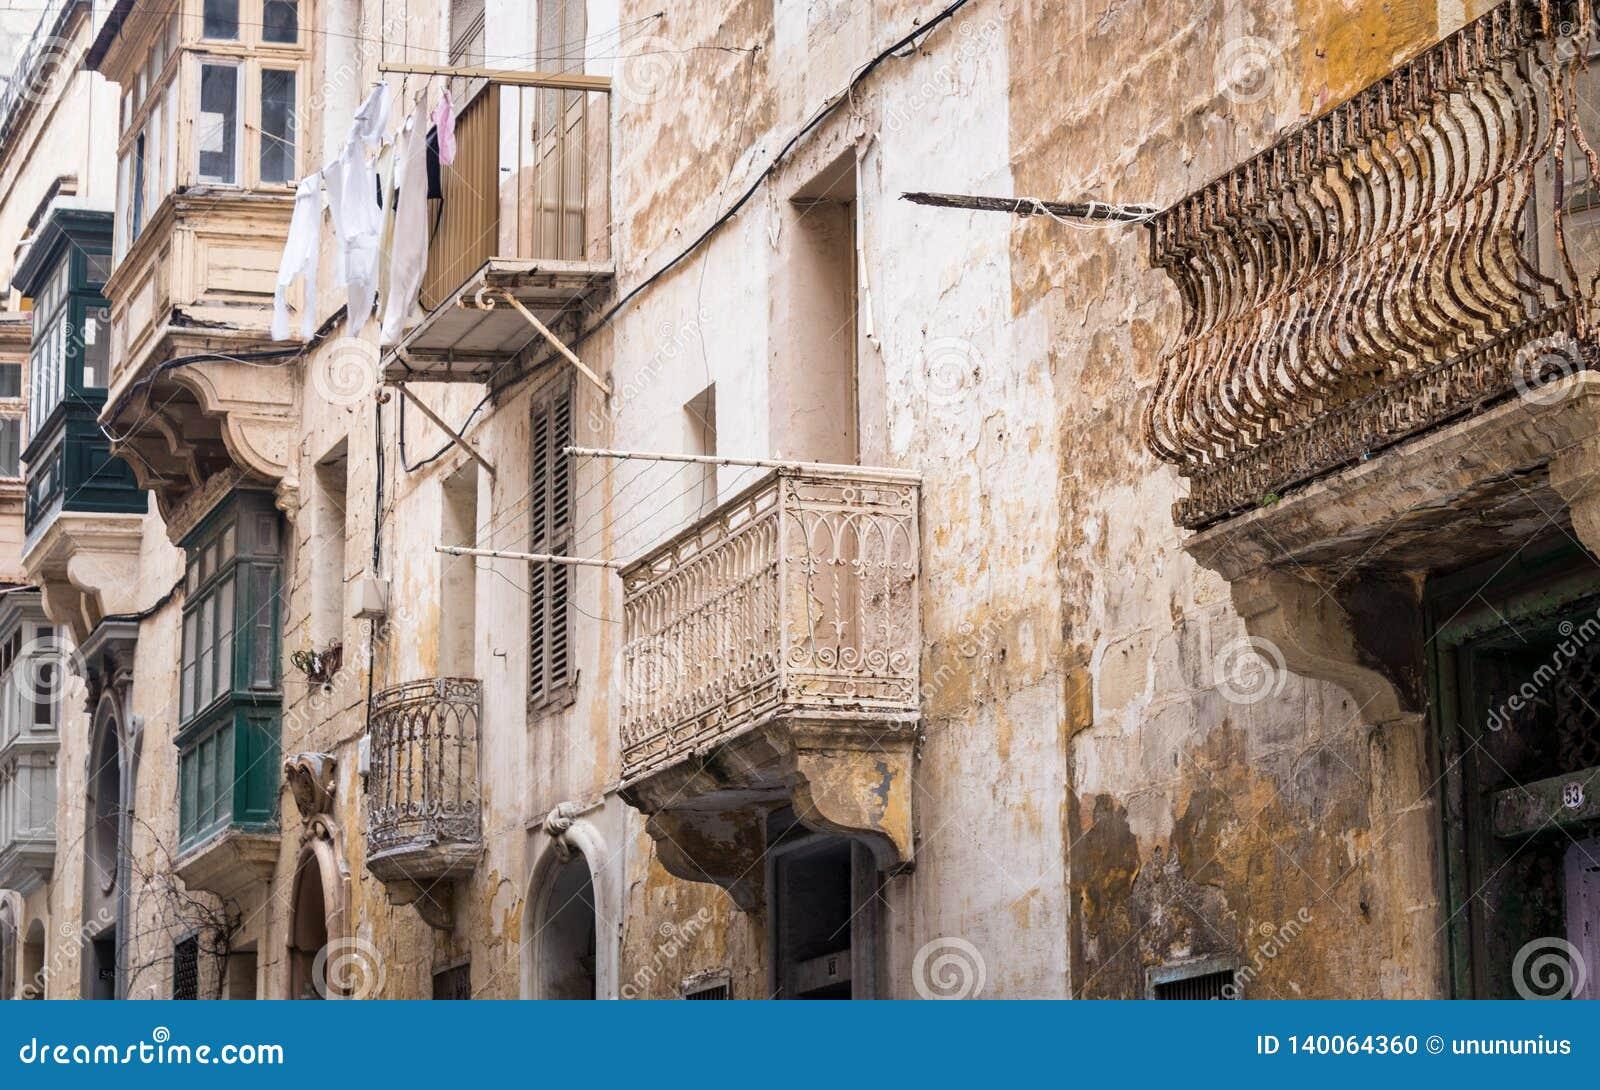 Hausfassade mit buntem, altem und lustigem Balkon auf Republik-Straße in Valletta, Malta